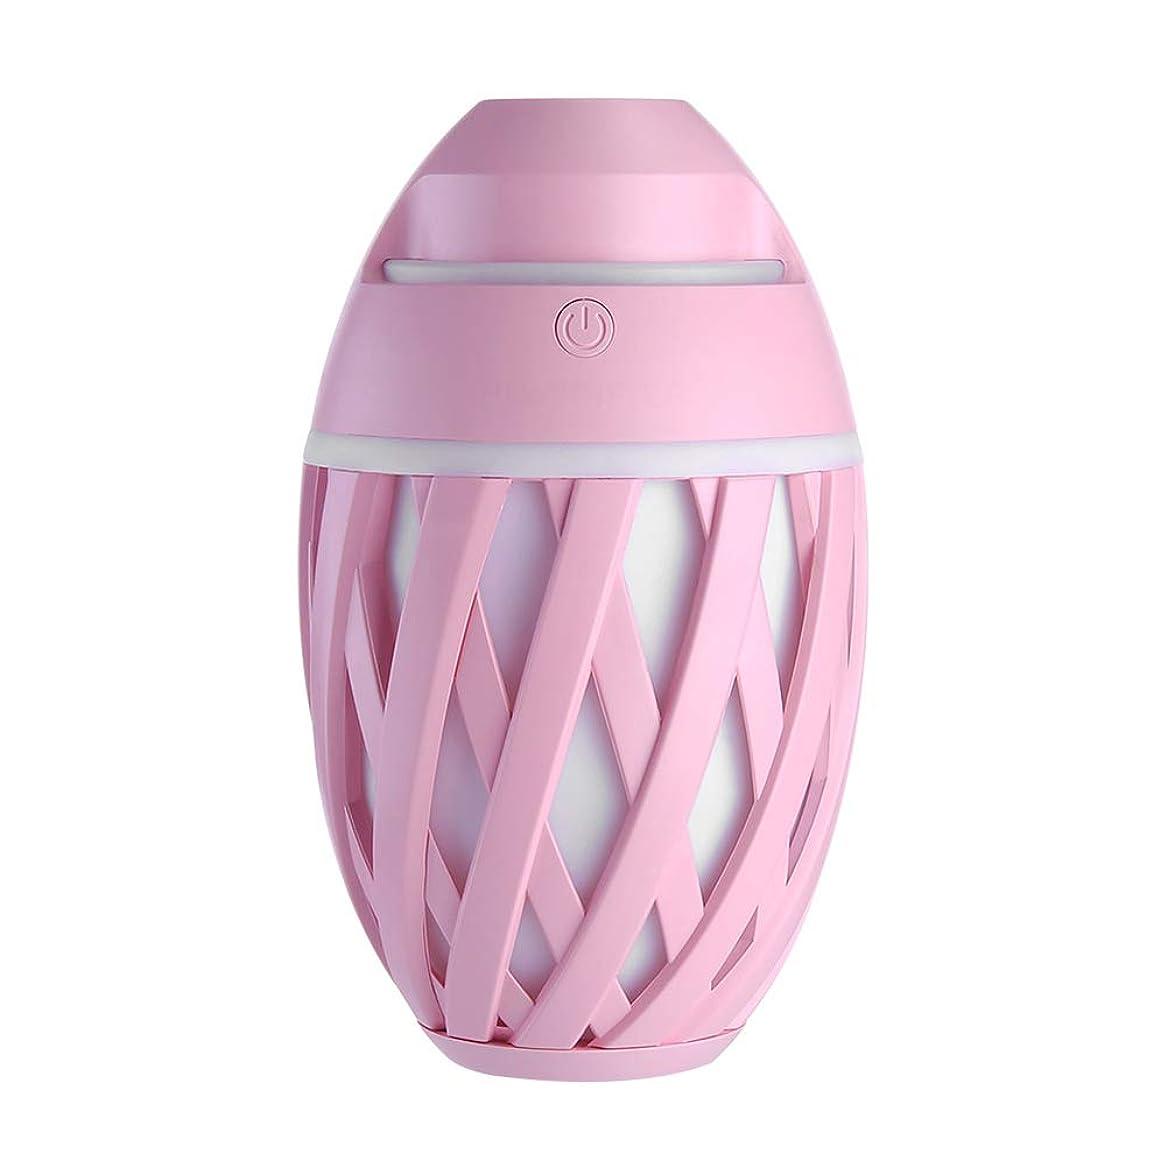 接続詞バックグラウンドスカープ加湿器ミニUsbホーム静かなエアコンルームオフィス妊娠中の女性の赤ちゃん空気保湿清浄器,Pink